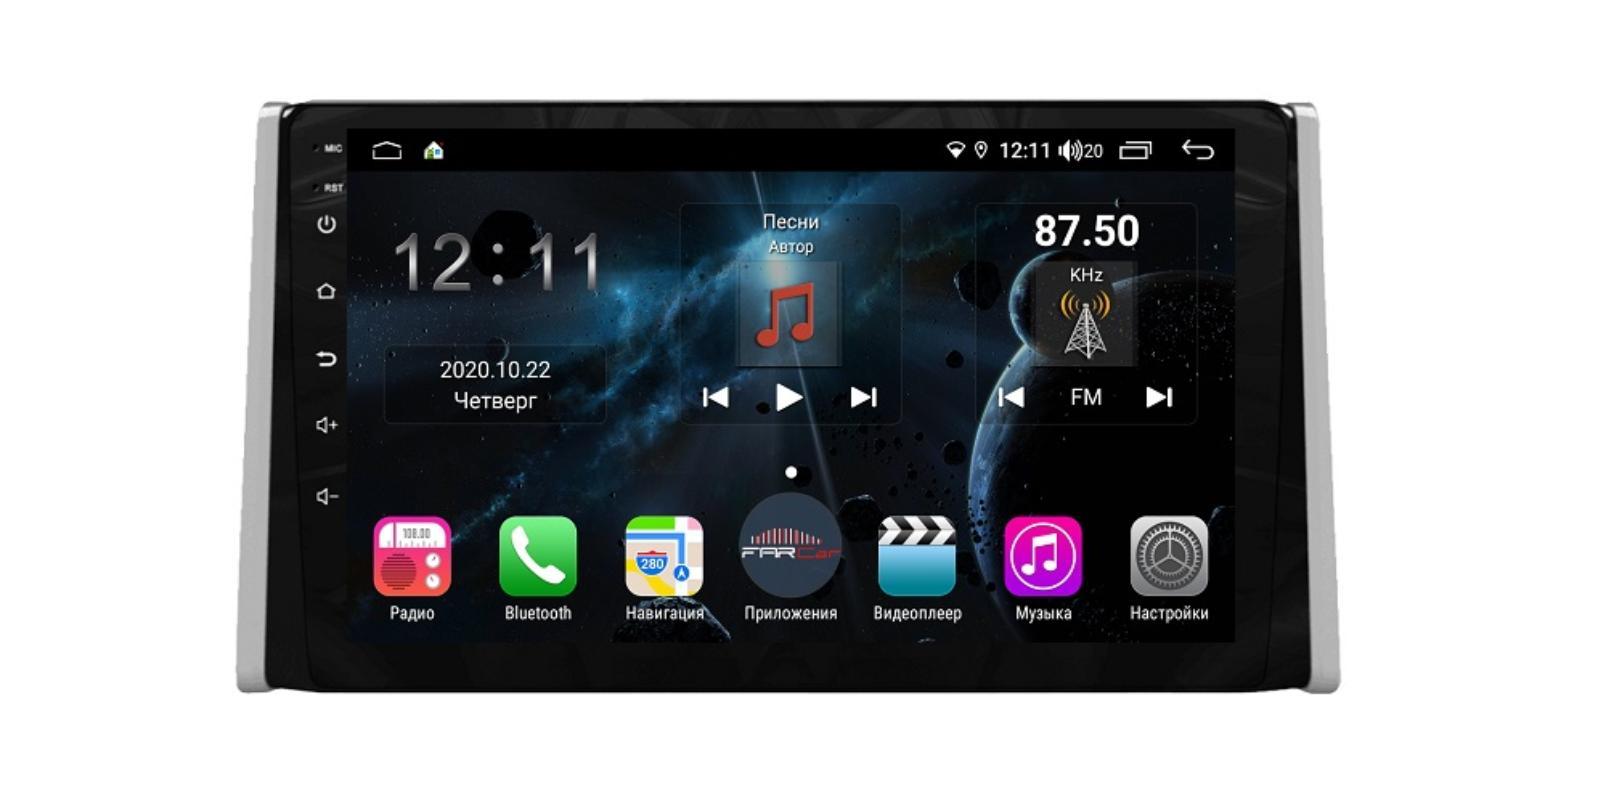 Штатная магнитола FarCar s400 для Toyota RAV-4 на Android (H1161R) (+ Камера заднего вида в подарок!)